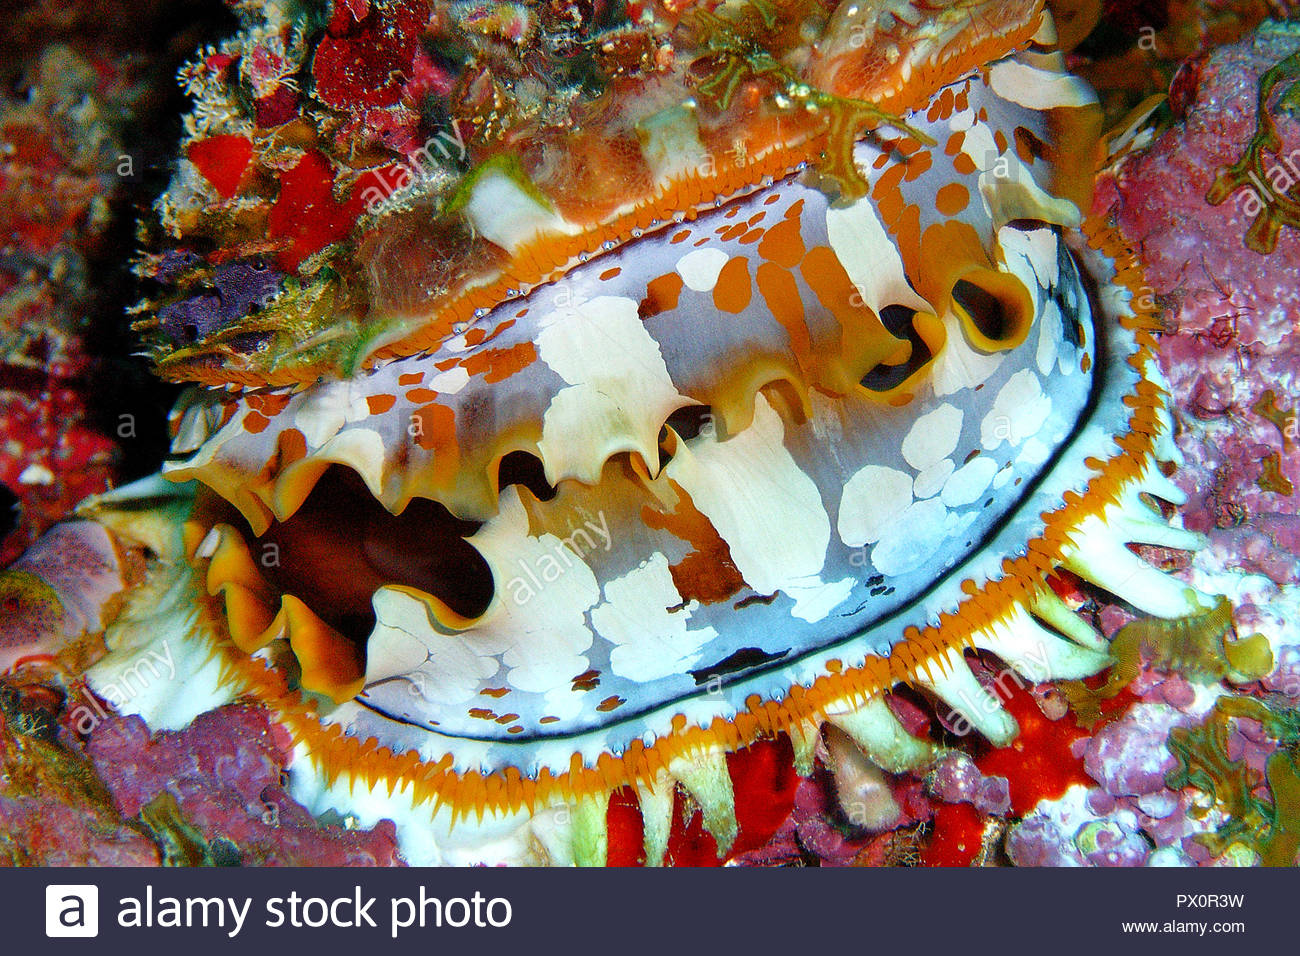 Spondylus ou coquille d'huître épineuse (Spondylus variauns), le manteau de ces mollusques bivalves est très variable en couleur, Maledive islands Photo Stock